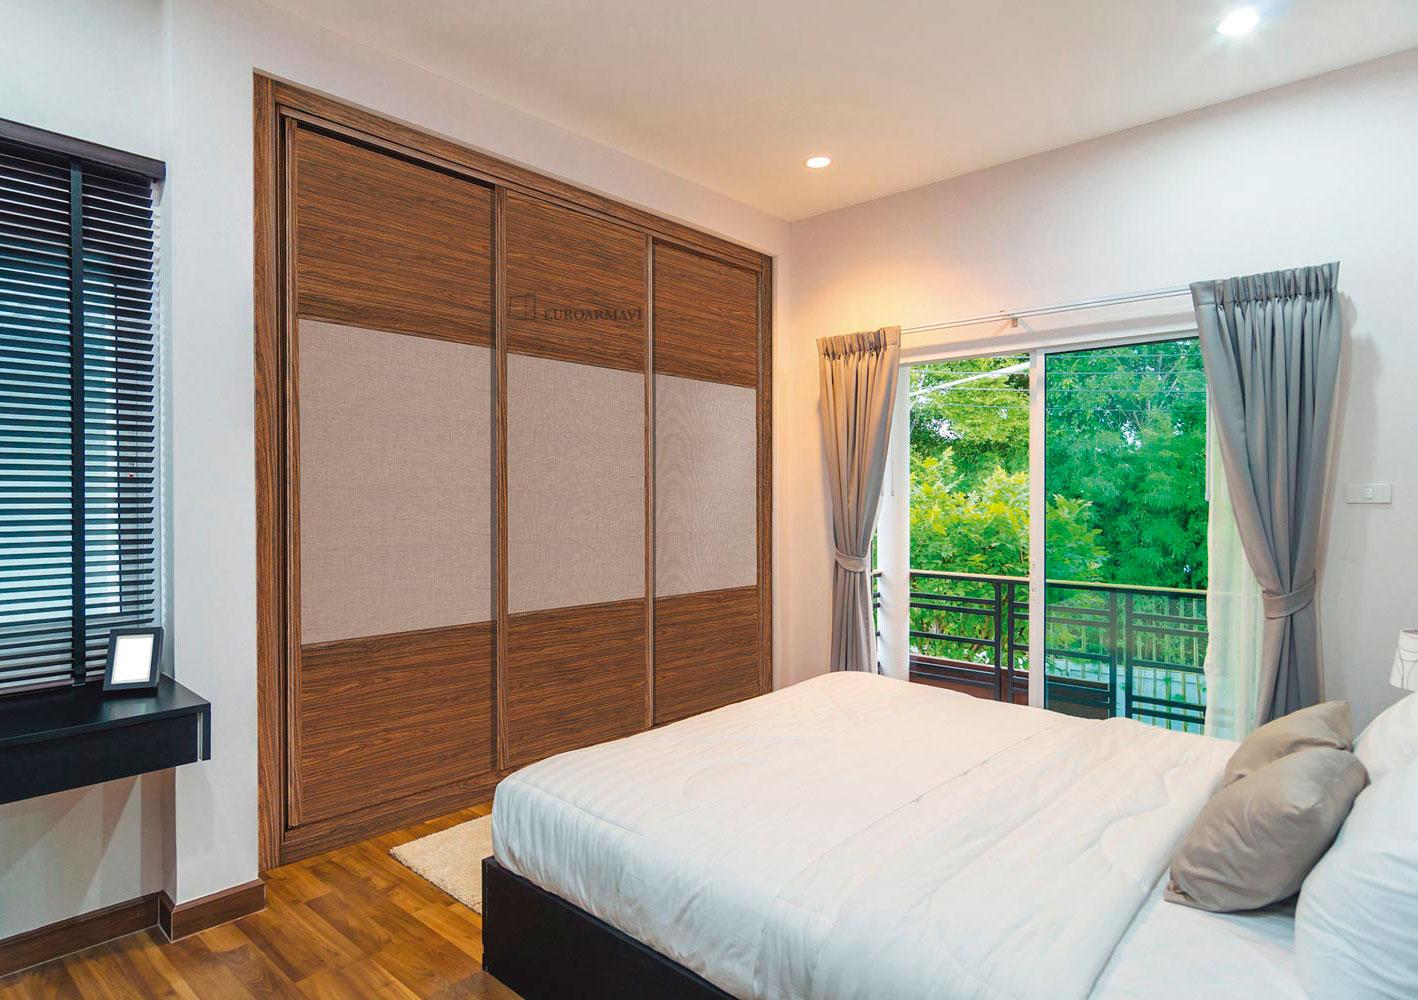 Dormitorios con armarios empotrados armarios sidon frente de armario de diseo blanco cristal y - Dormitorios con armarios empotrados ...